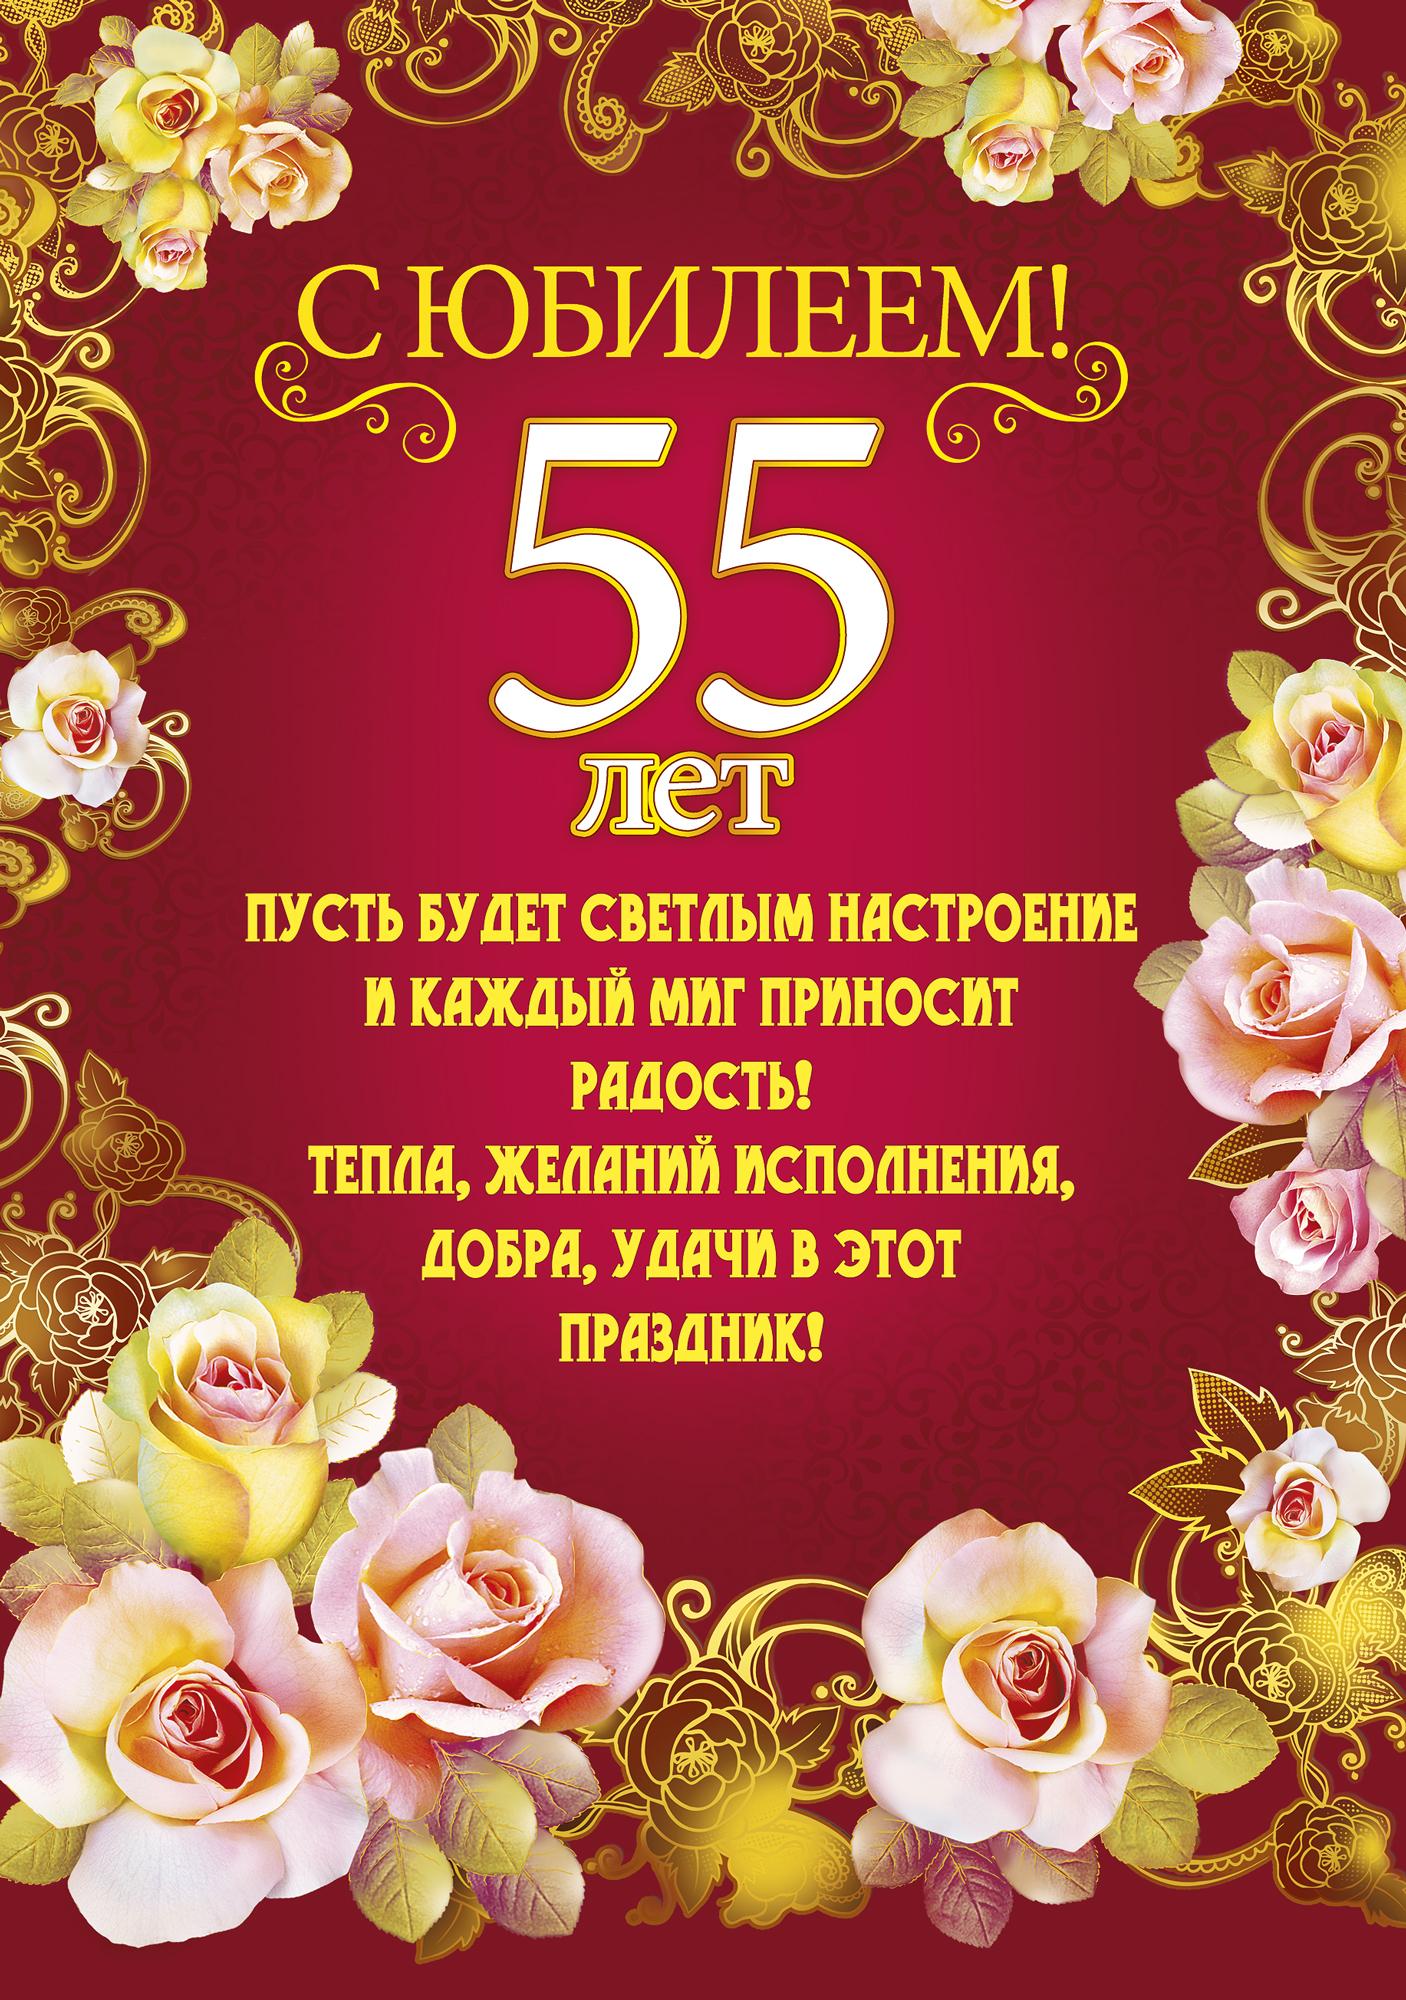 Поздравления с днем рождения юбилей 55 лет женщине проза